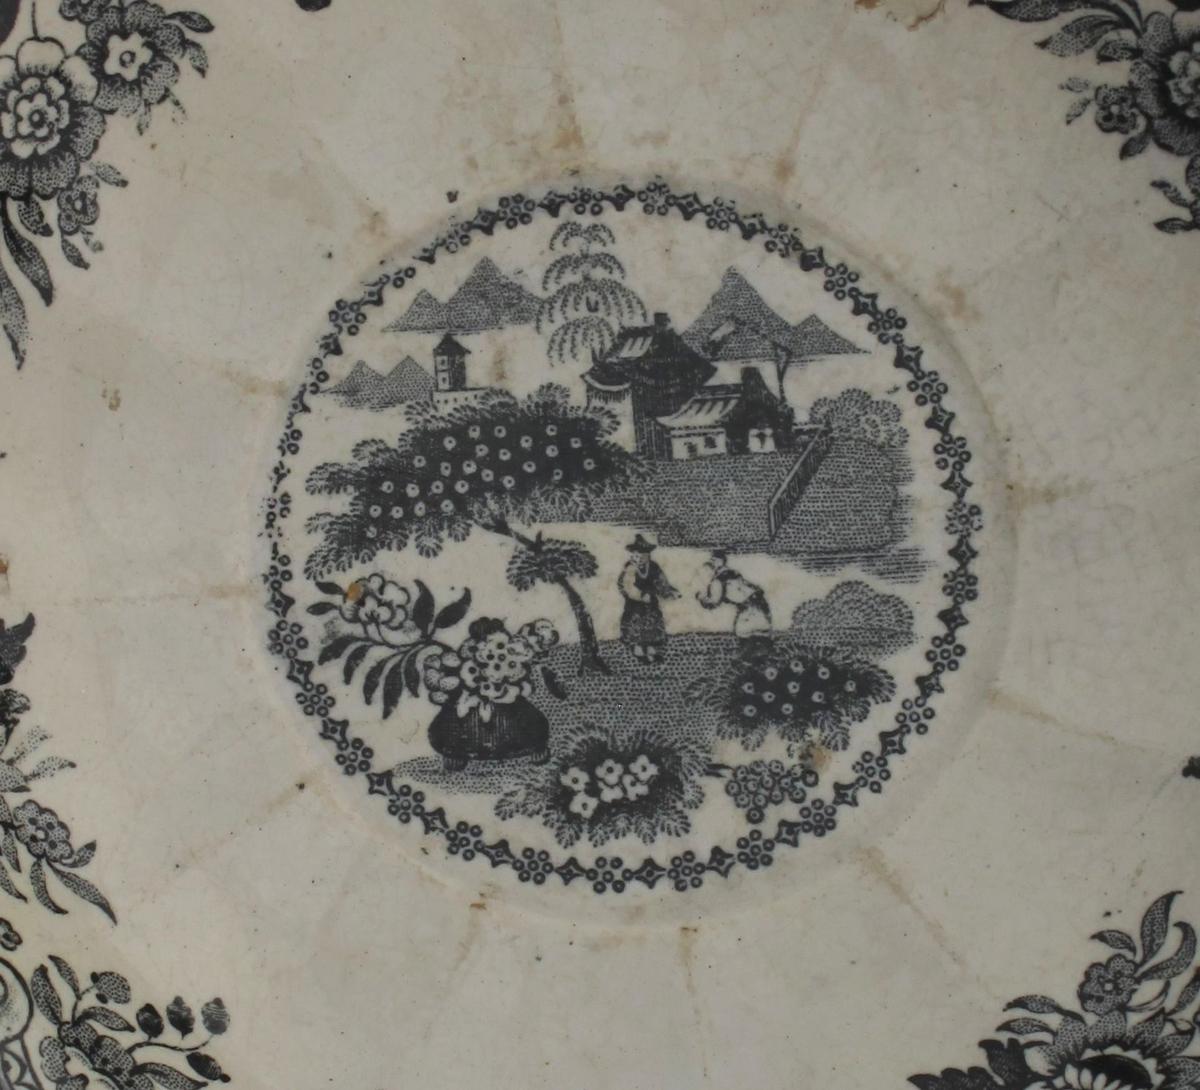 er buer ut mot munningen, inn mot insvunget fot, trykkt dekor  i sort; landskap m fjell i bakgrunnen, hus , trær og blomsterkrukker i forgrunnen, skal forestille kinesisk landskap; innv. ved munningen pseudo - rokokko ornamenter og blomster, i bunnen landskap ;: hus